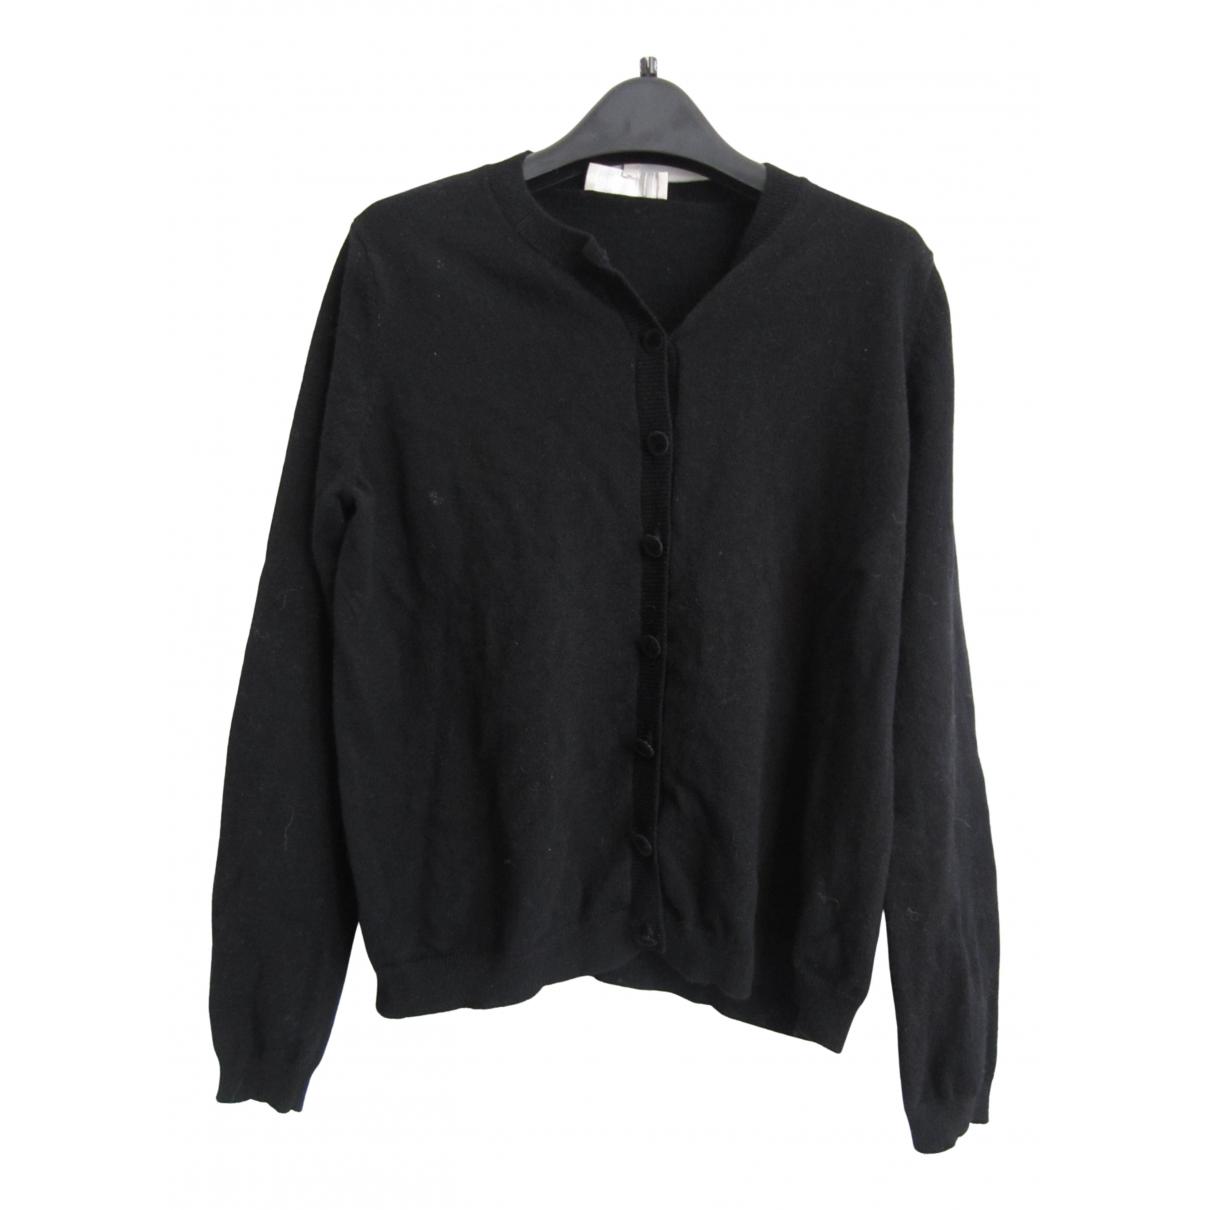 Sezane \N Pullover in  Schwarz Wolle